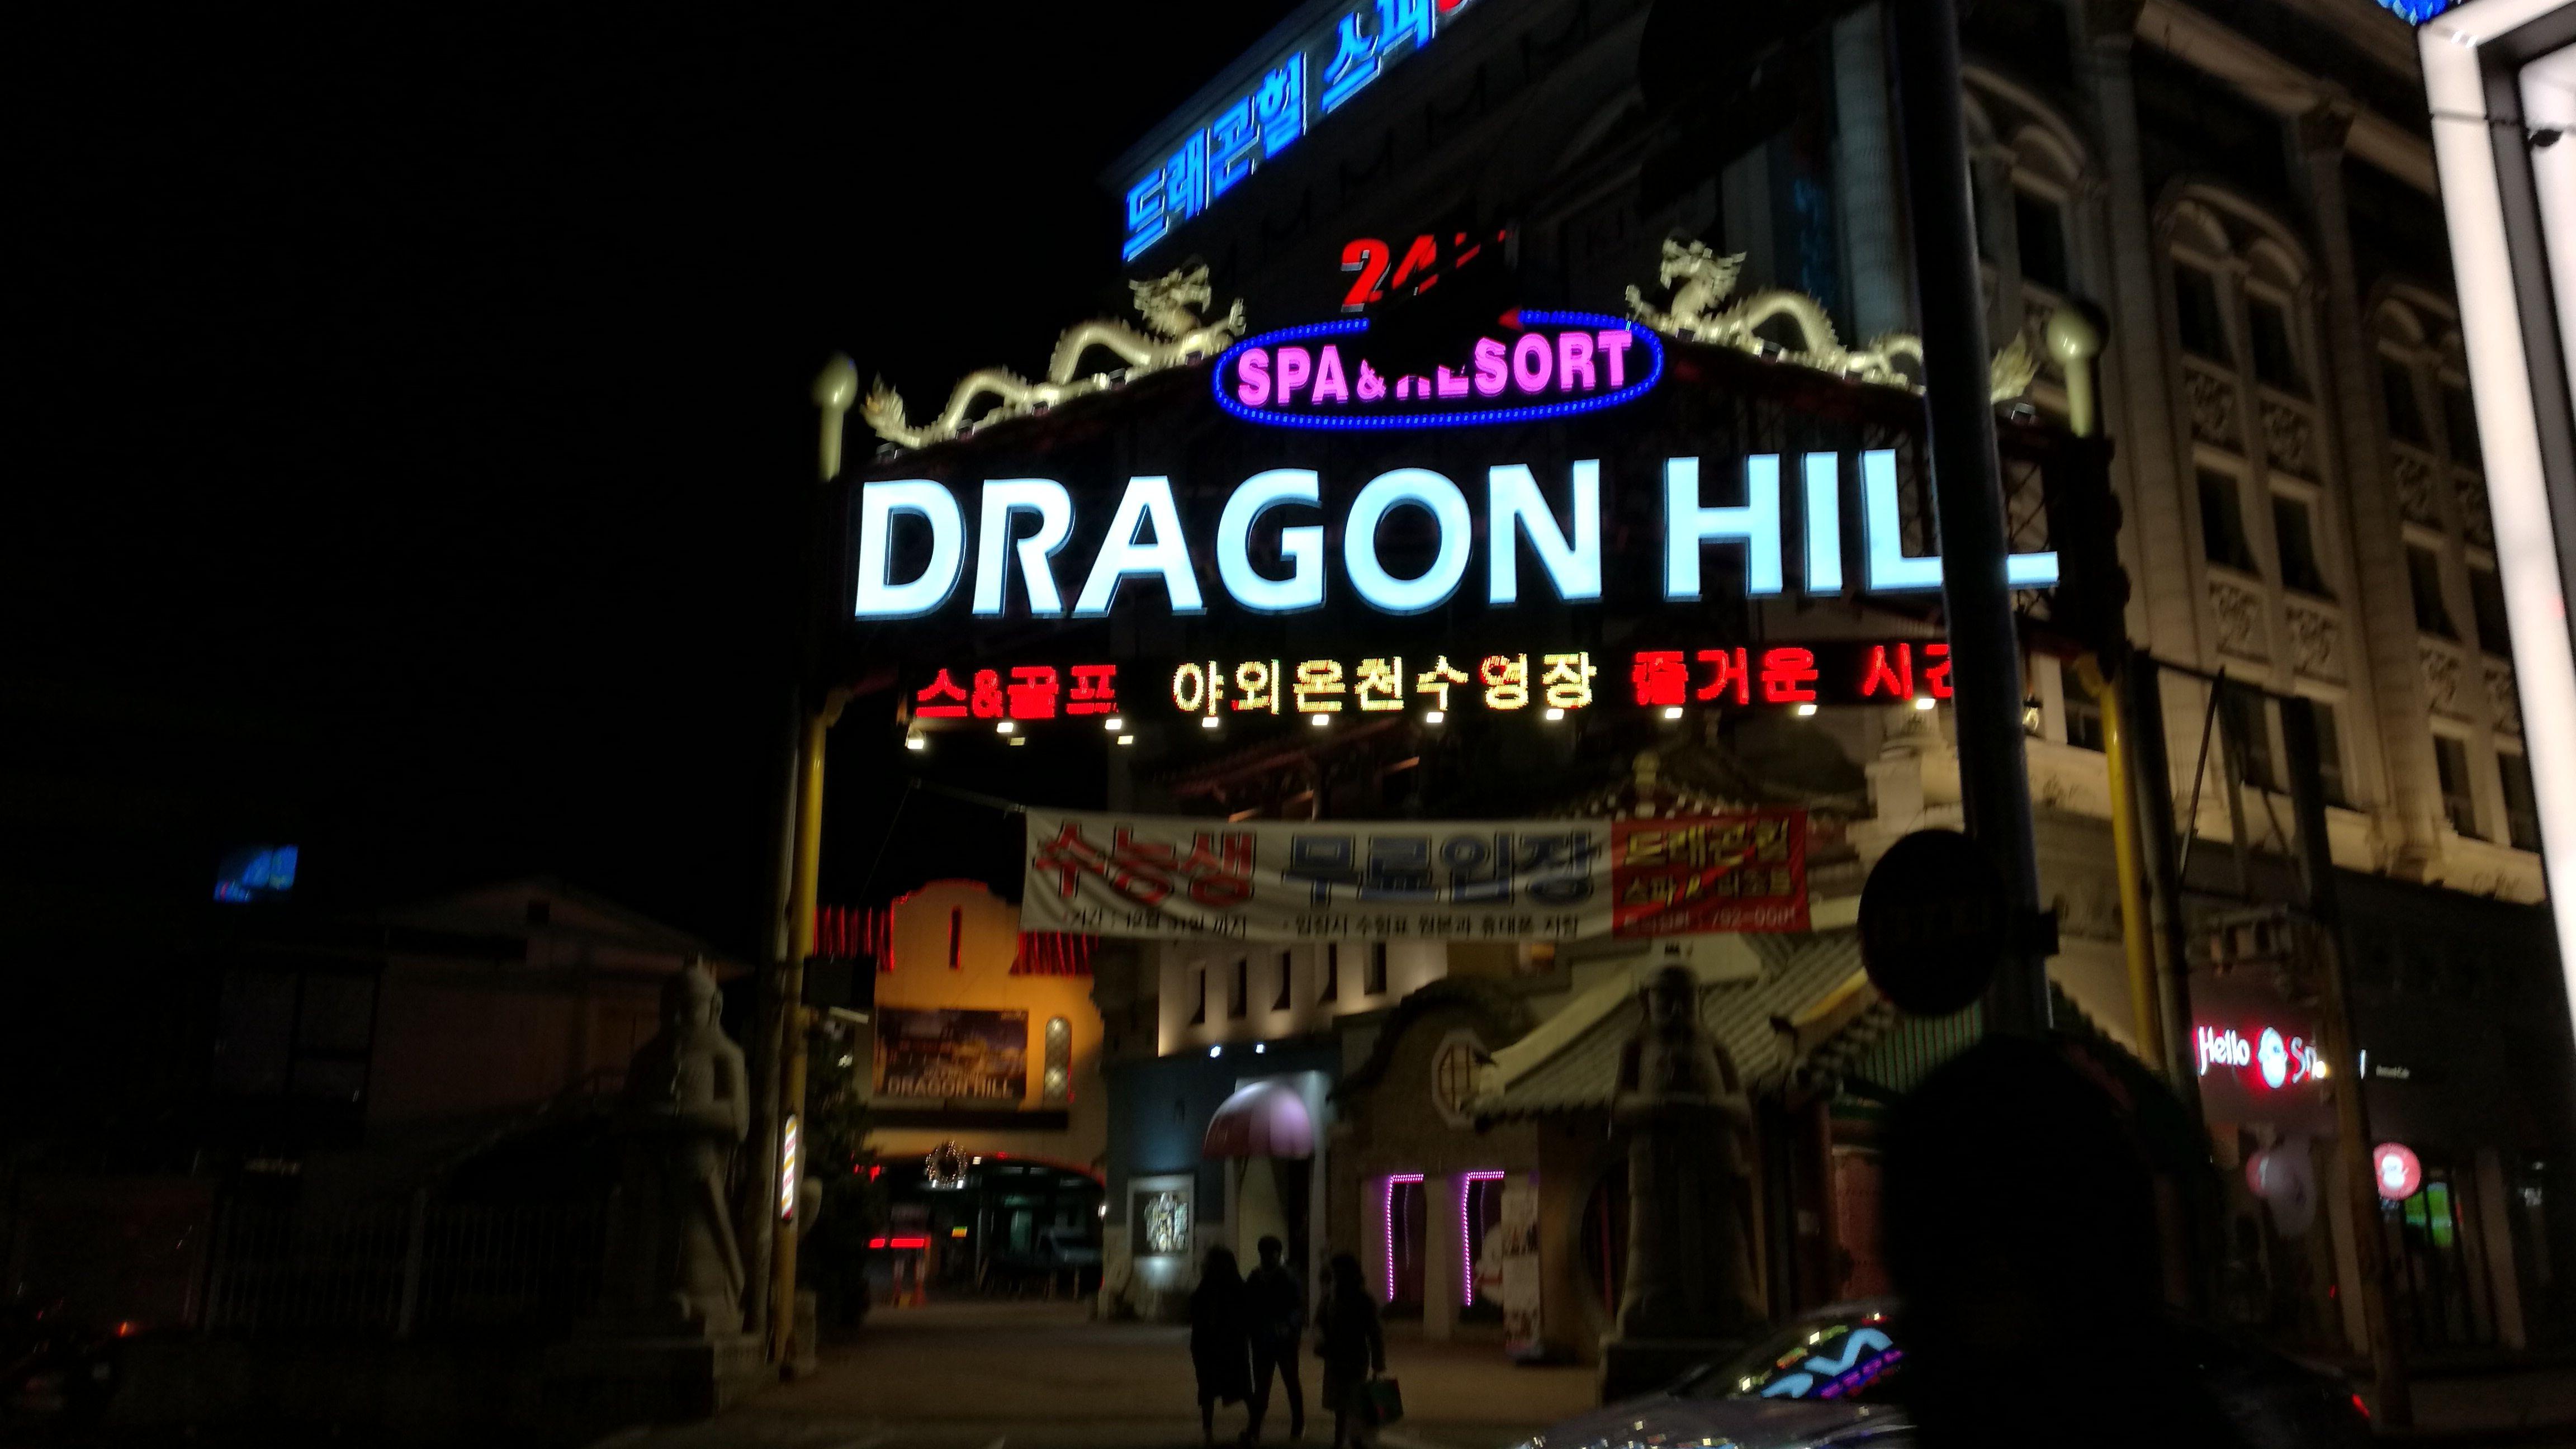 Dragon Hill, uno de los spas más conocidos de Corea